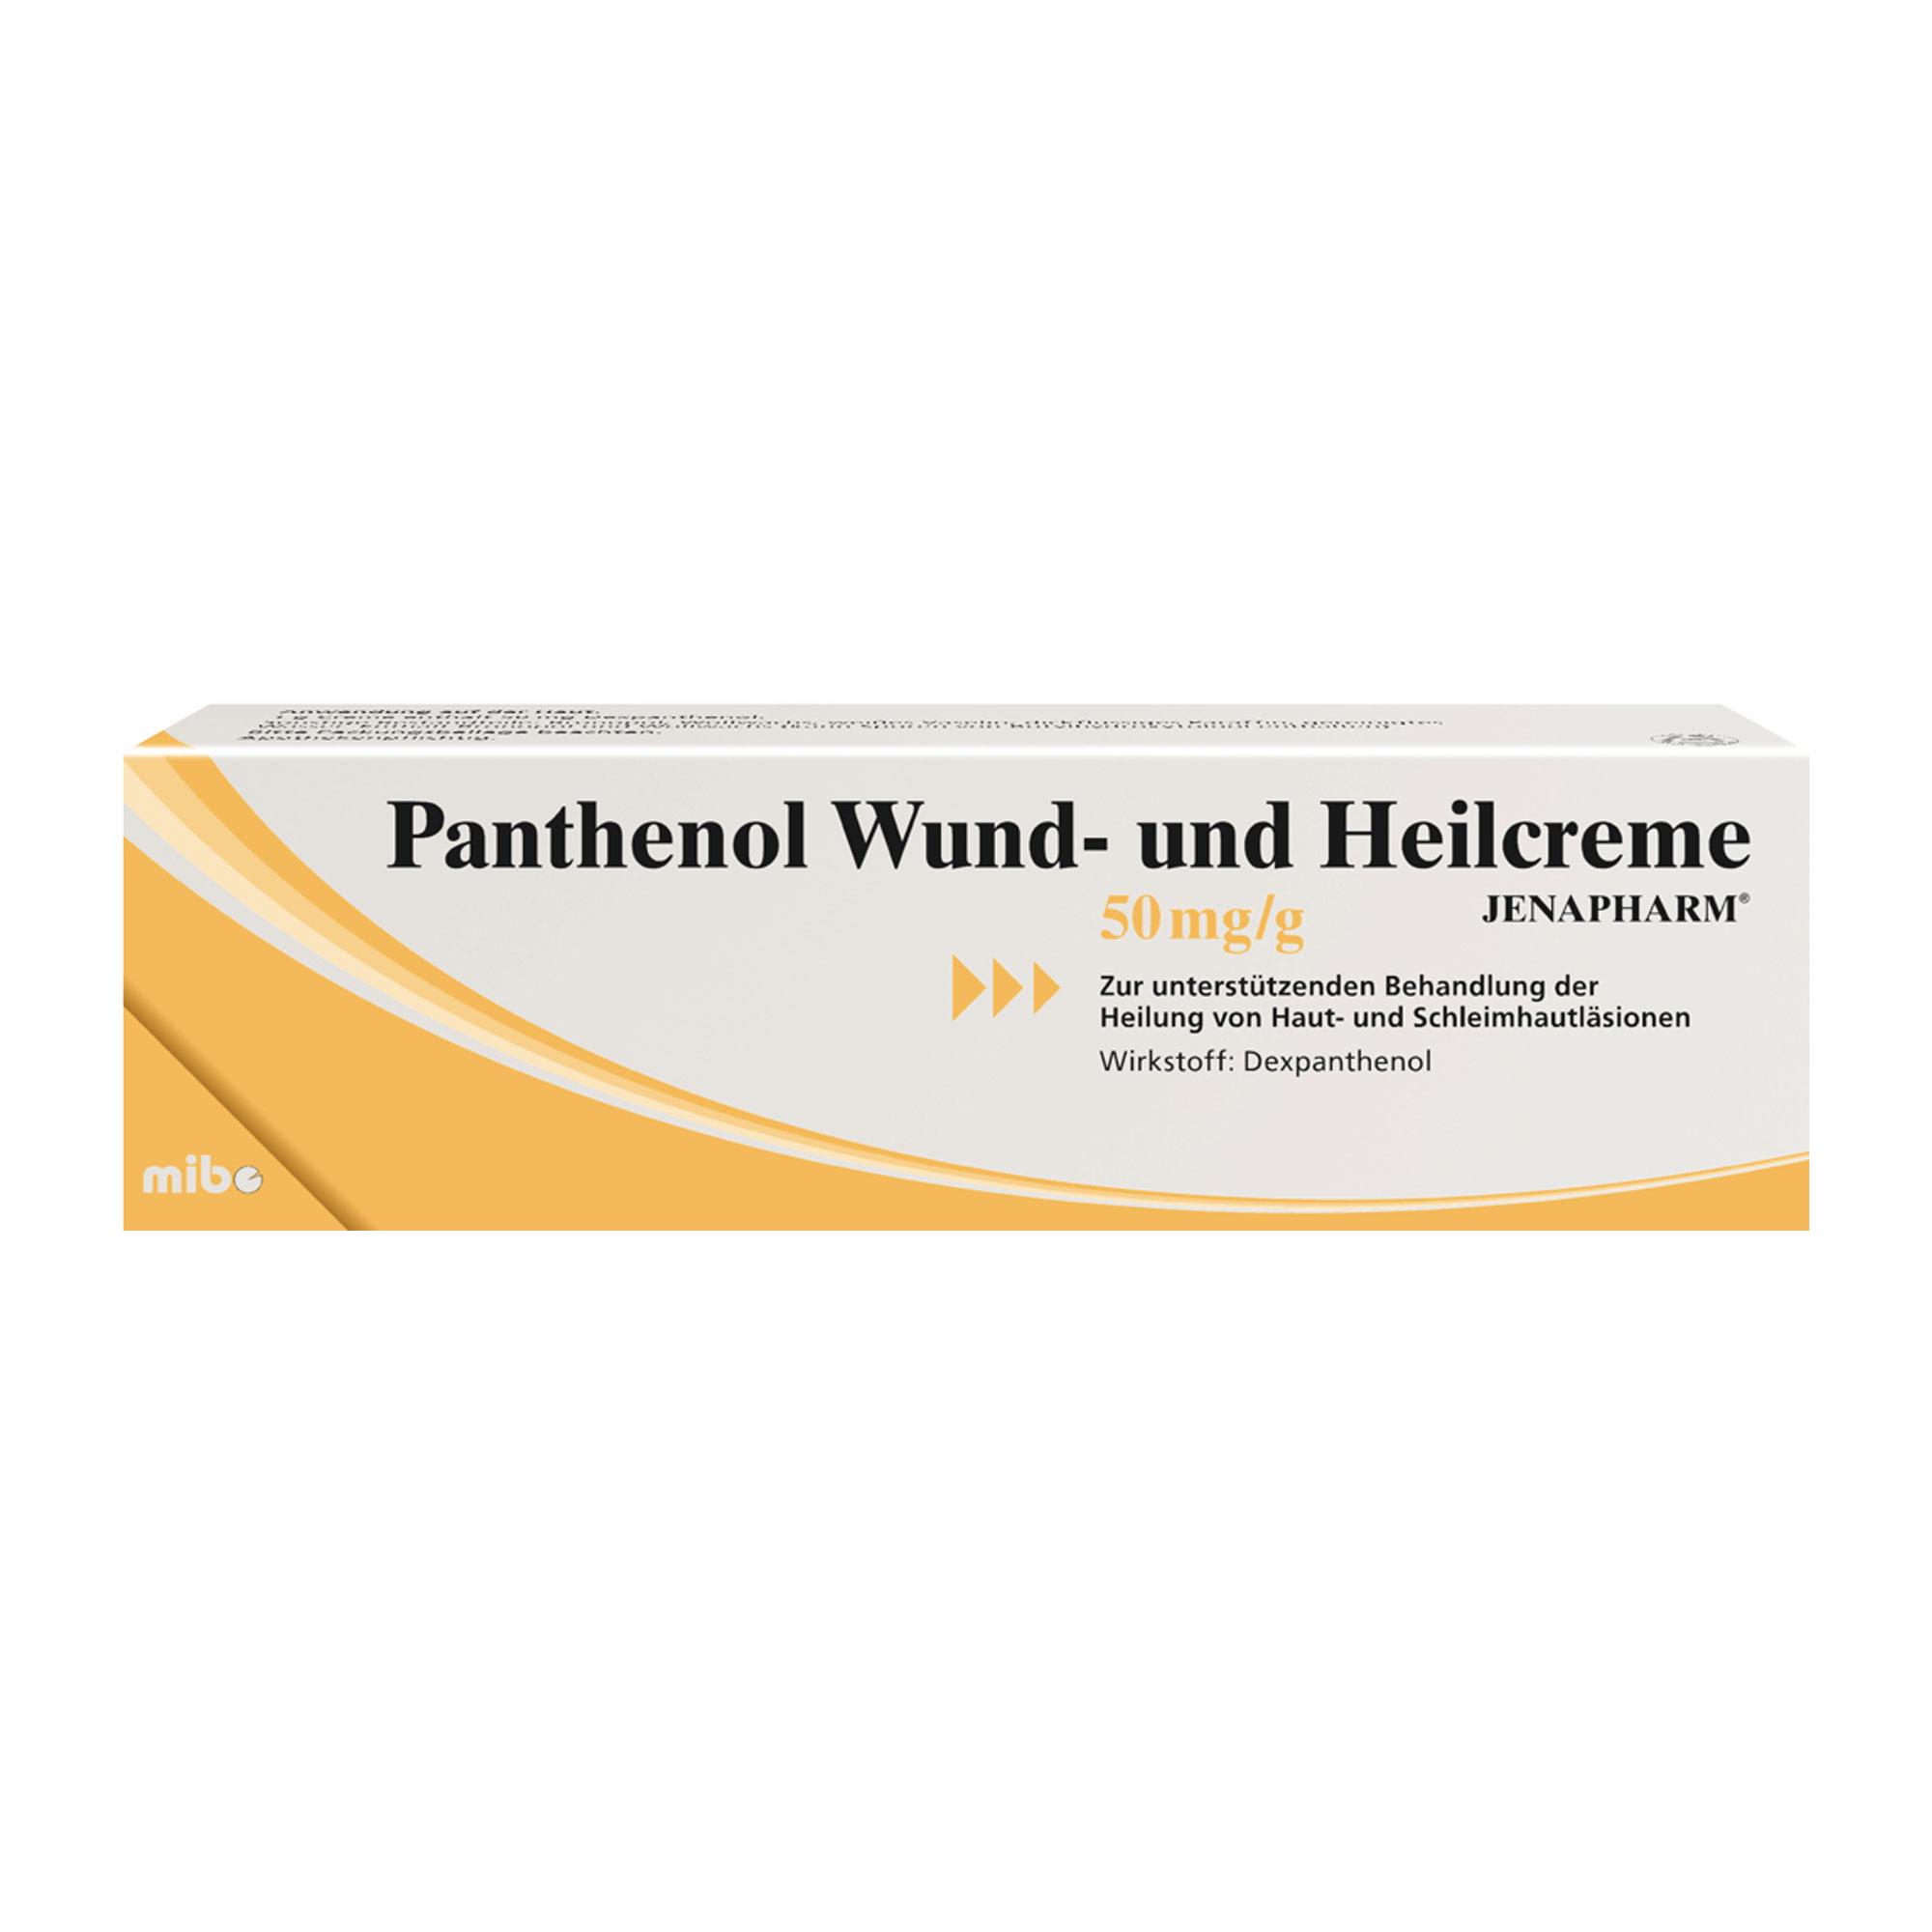 Panthenol Wund- und Heilcreme